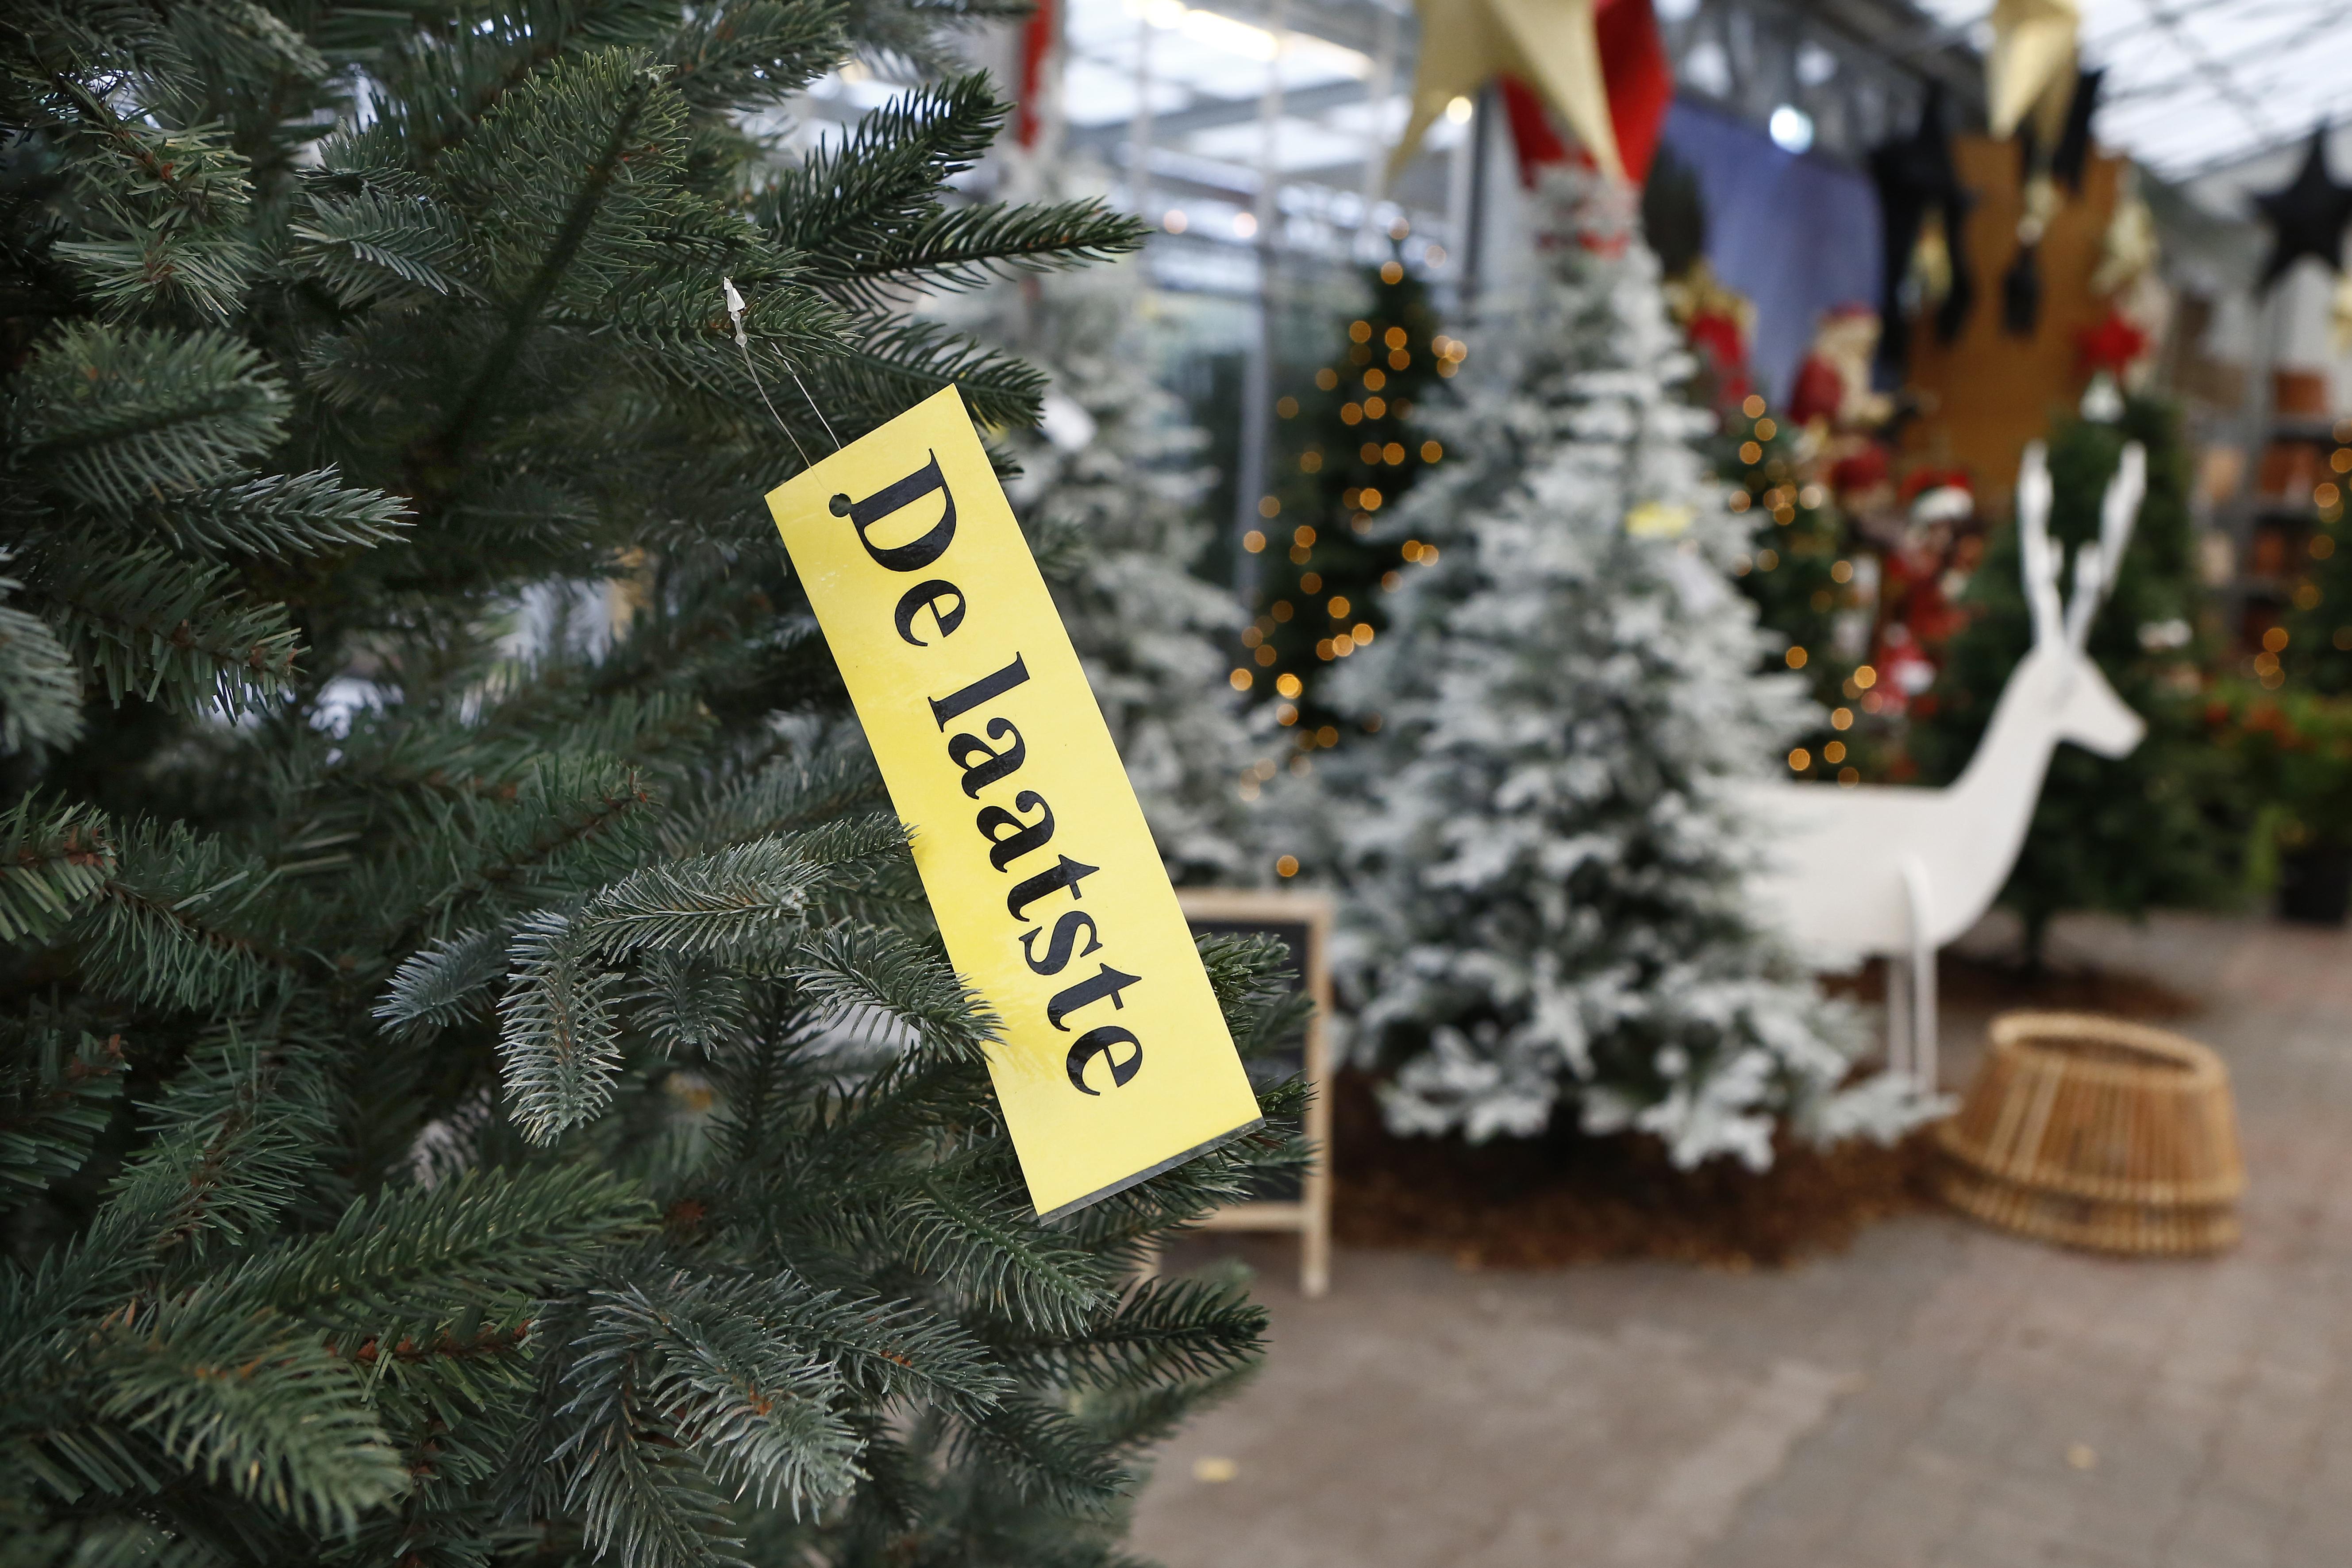 Kerstbomen vliegen de winkel uit. Bij Huizer tuincentrum Rebel doen vooral de kunstbomen het goed. 'Bij sommigen moeten we al 'nee' verkopen'